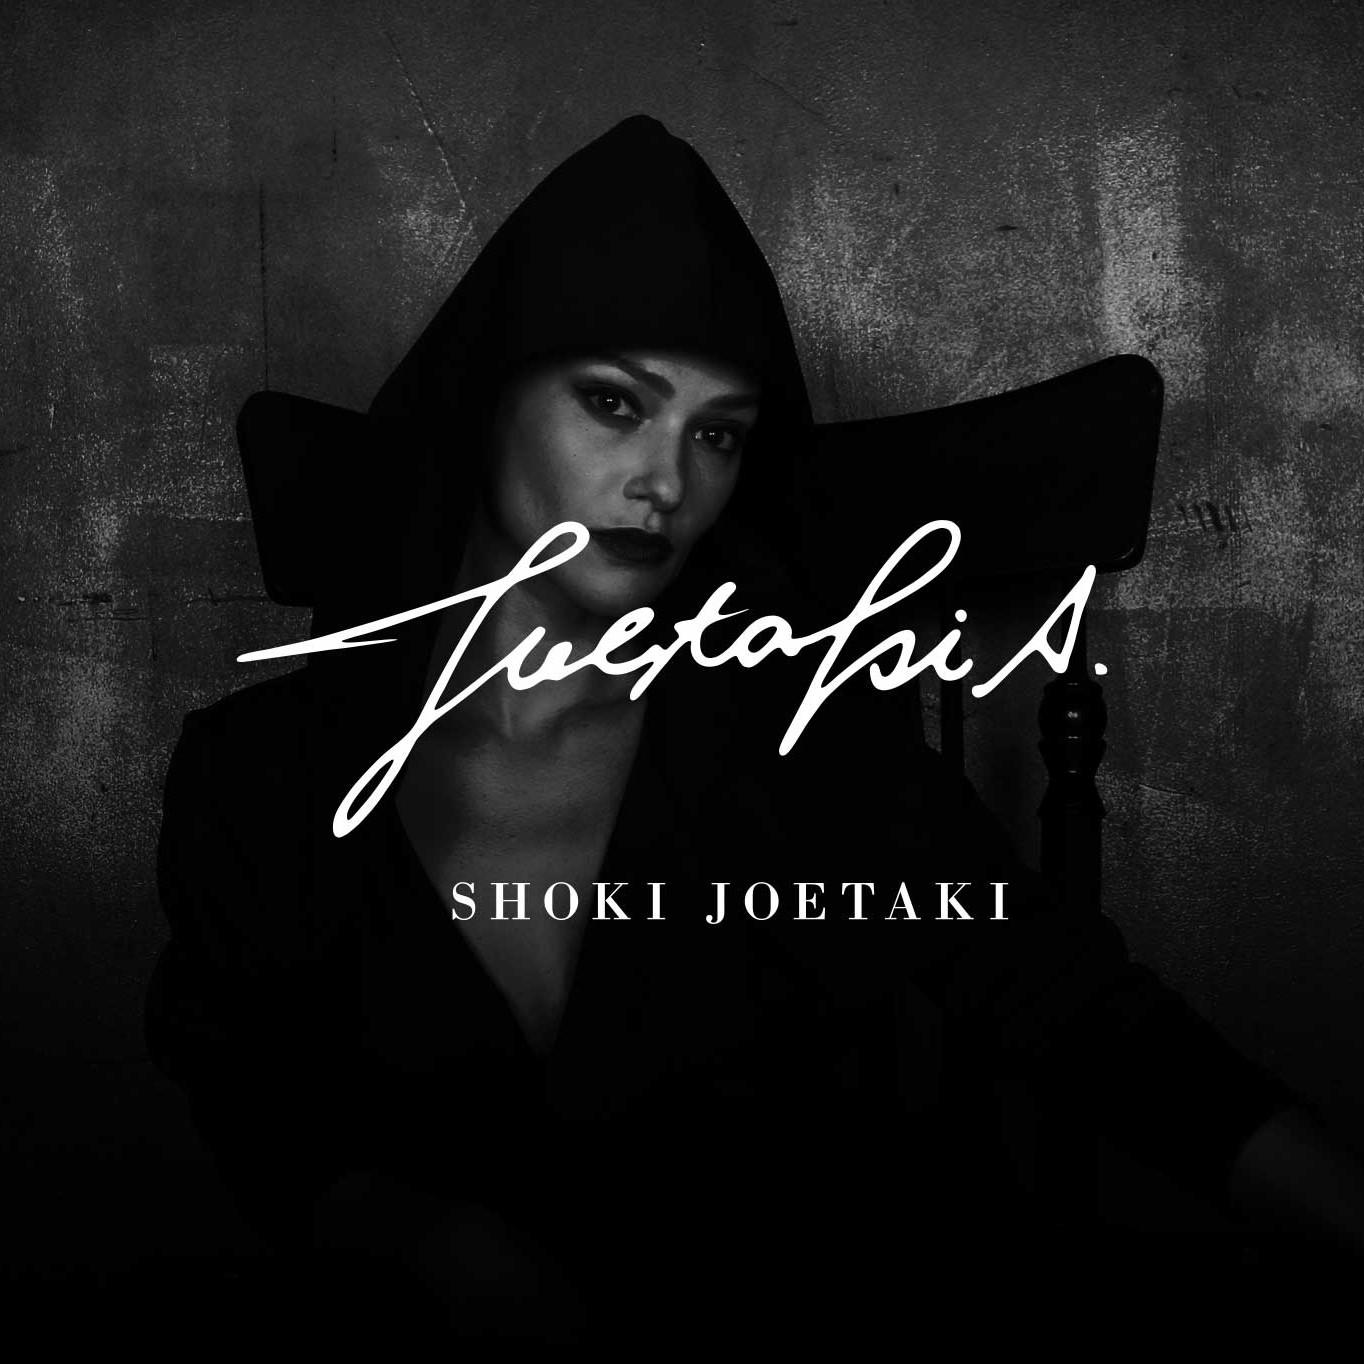 eyecatch shoki joetaki